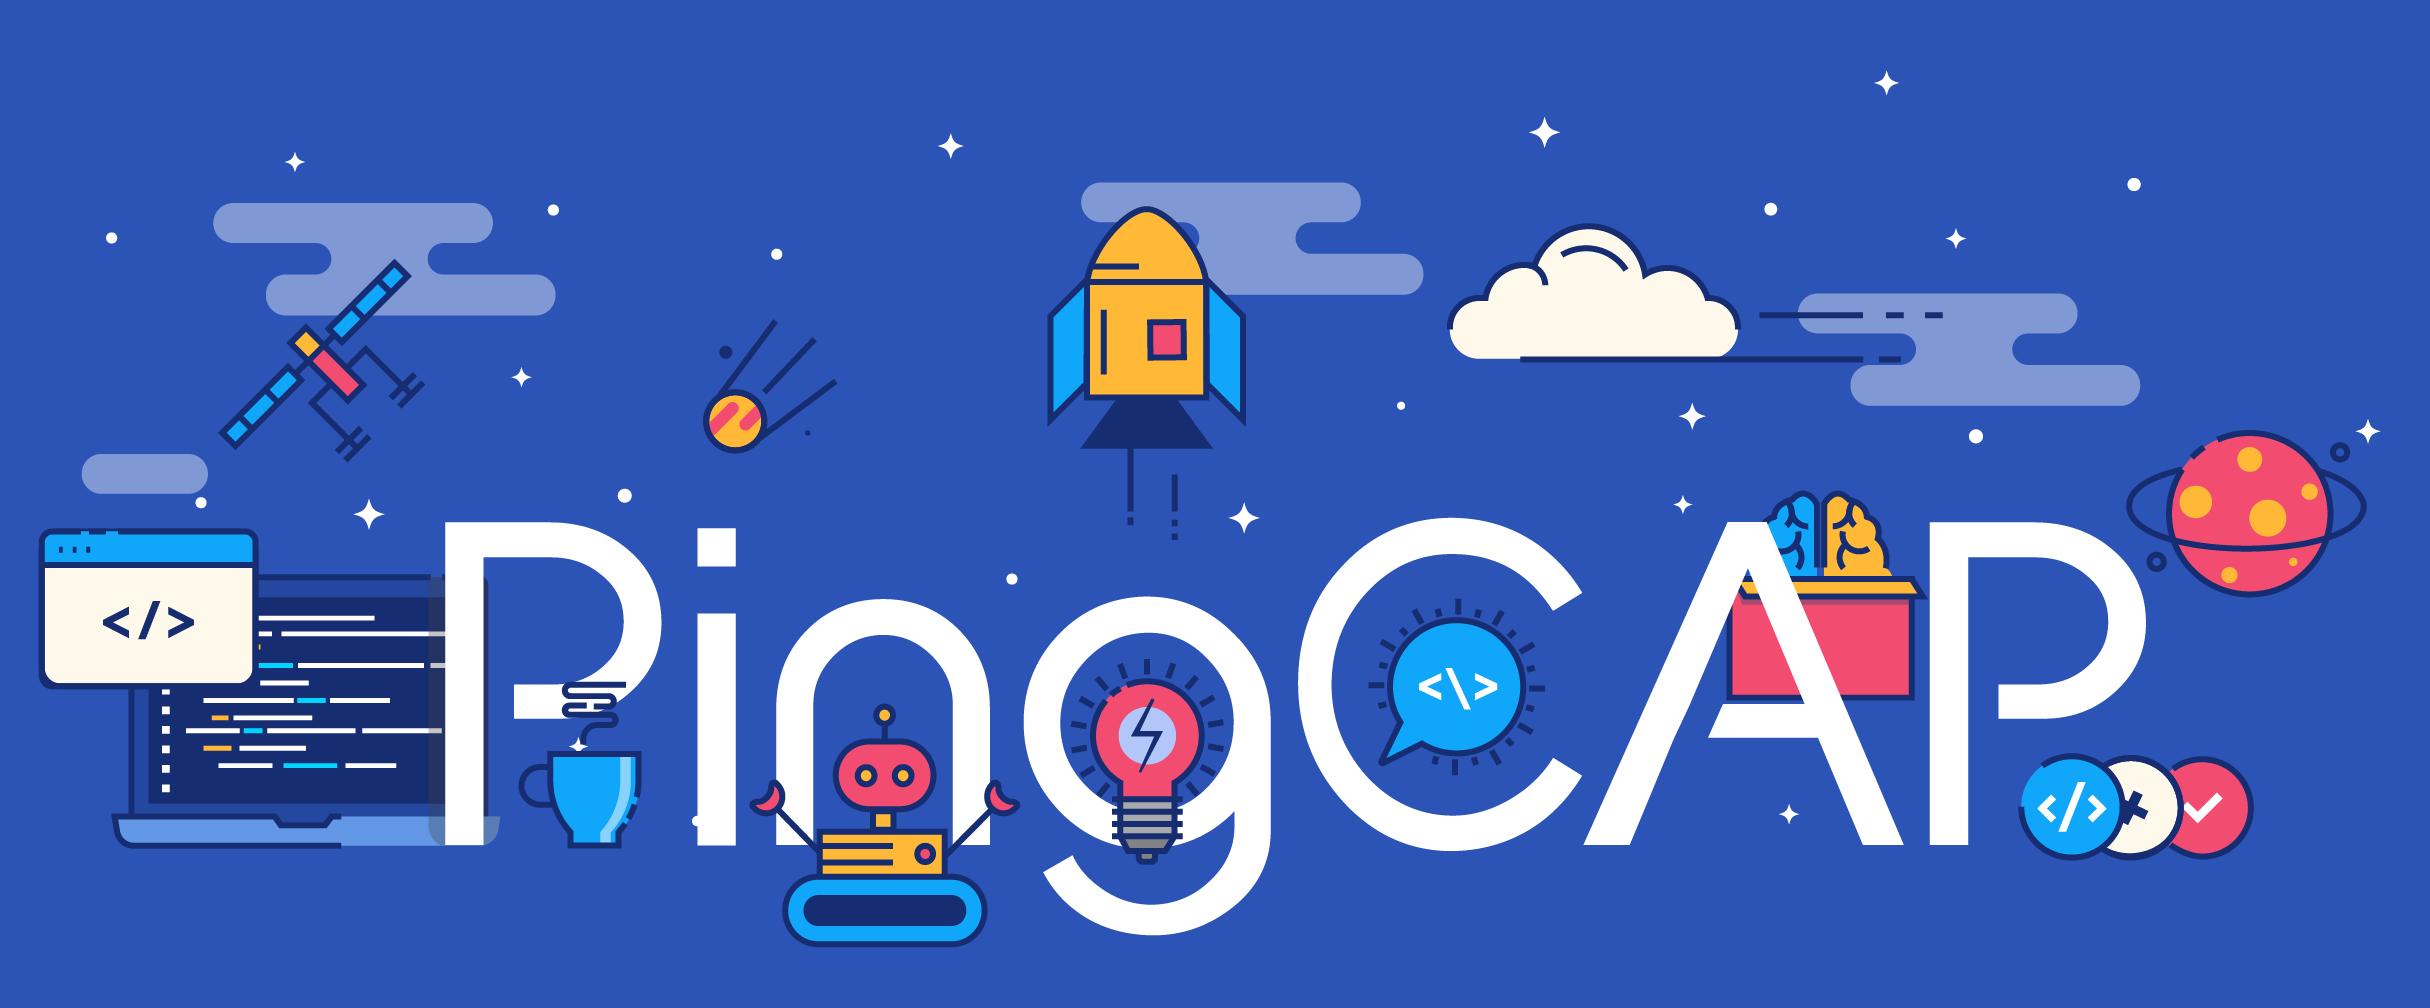 PingCAP Raises $50 Million in Series C Round